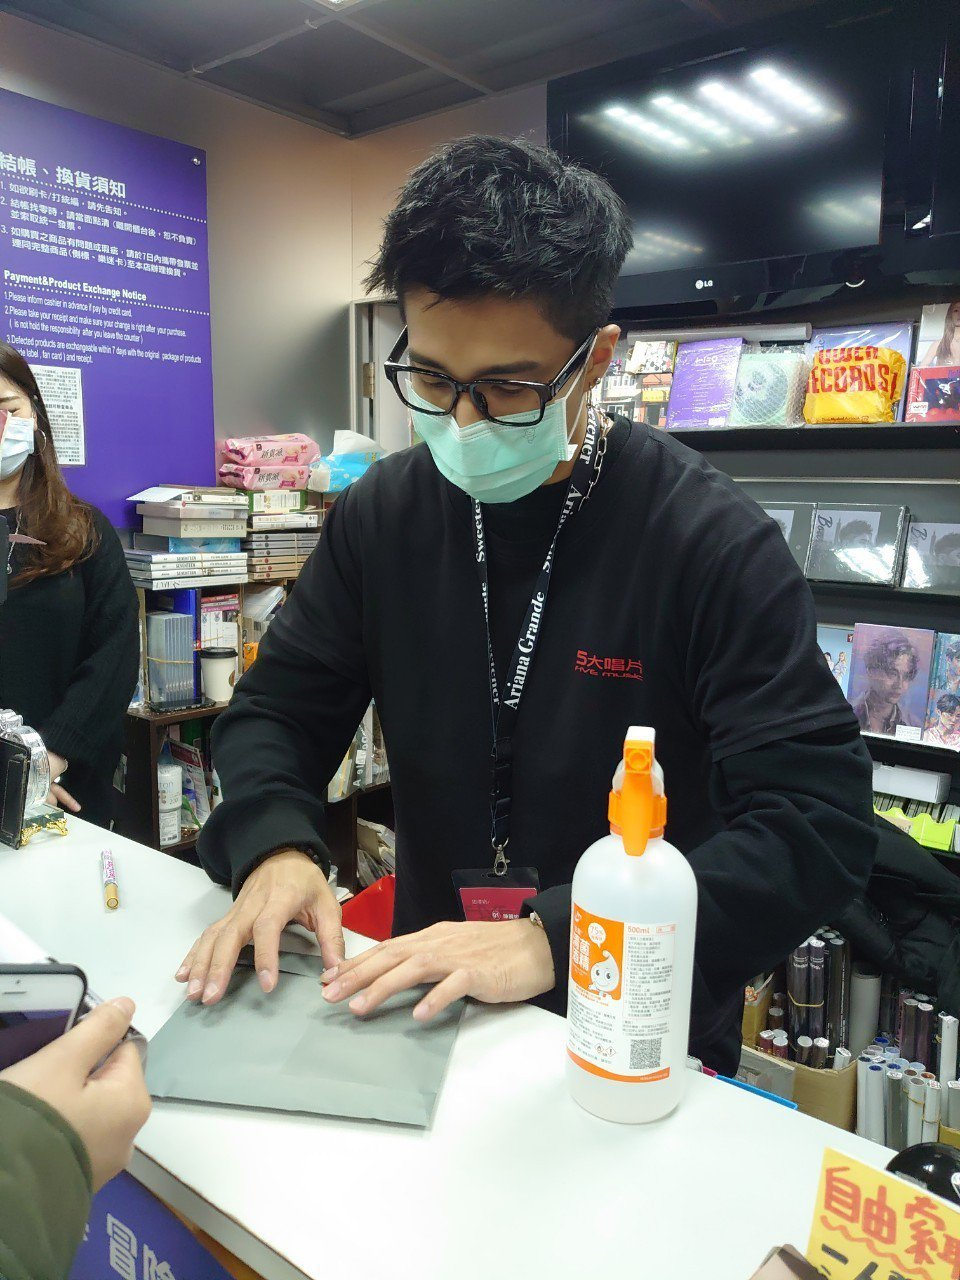 婁峻碩為新專輯「BOARDING」到唱片行擔任一日店員。圖/想不到音樂工作室提供